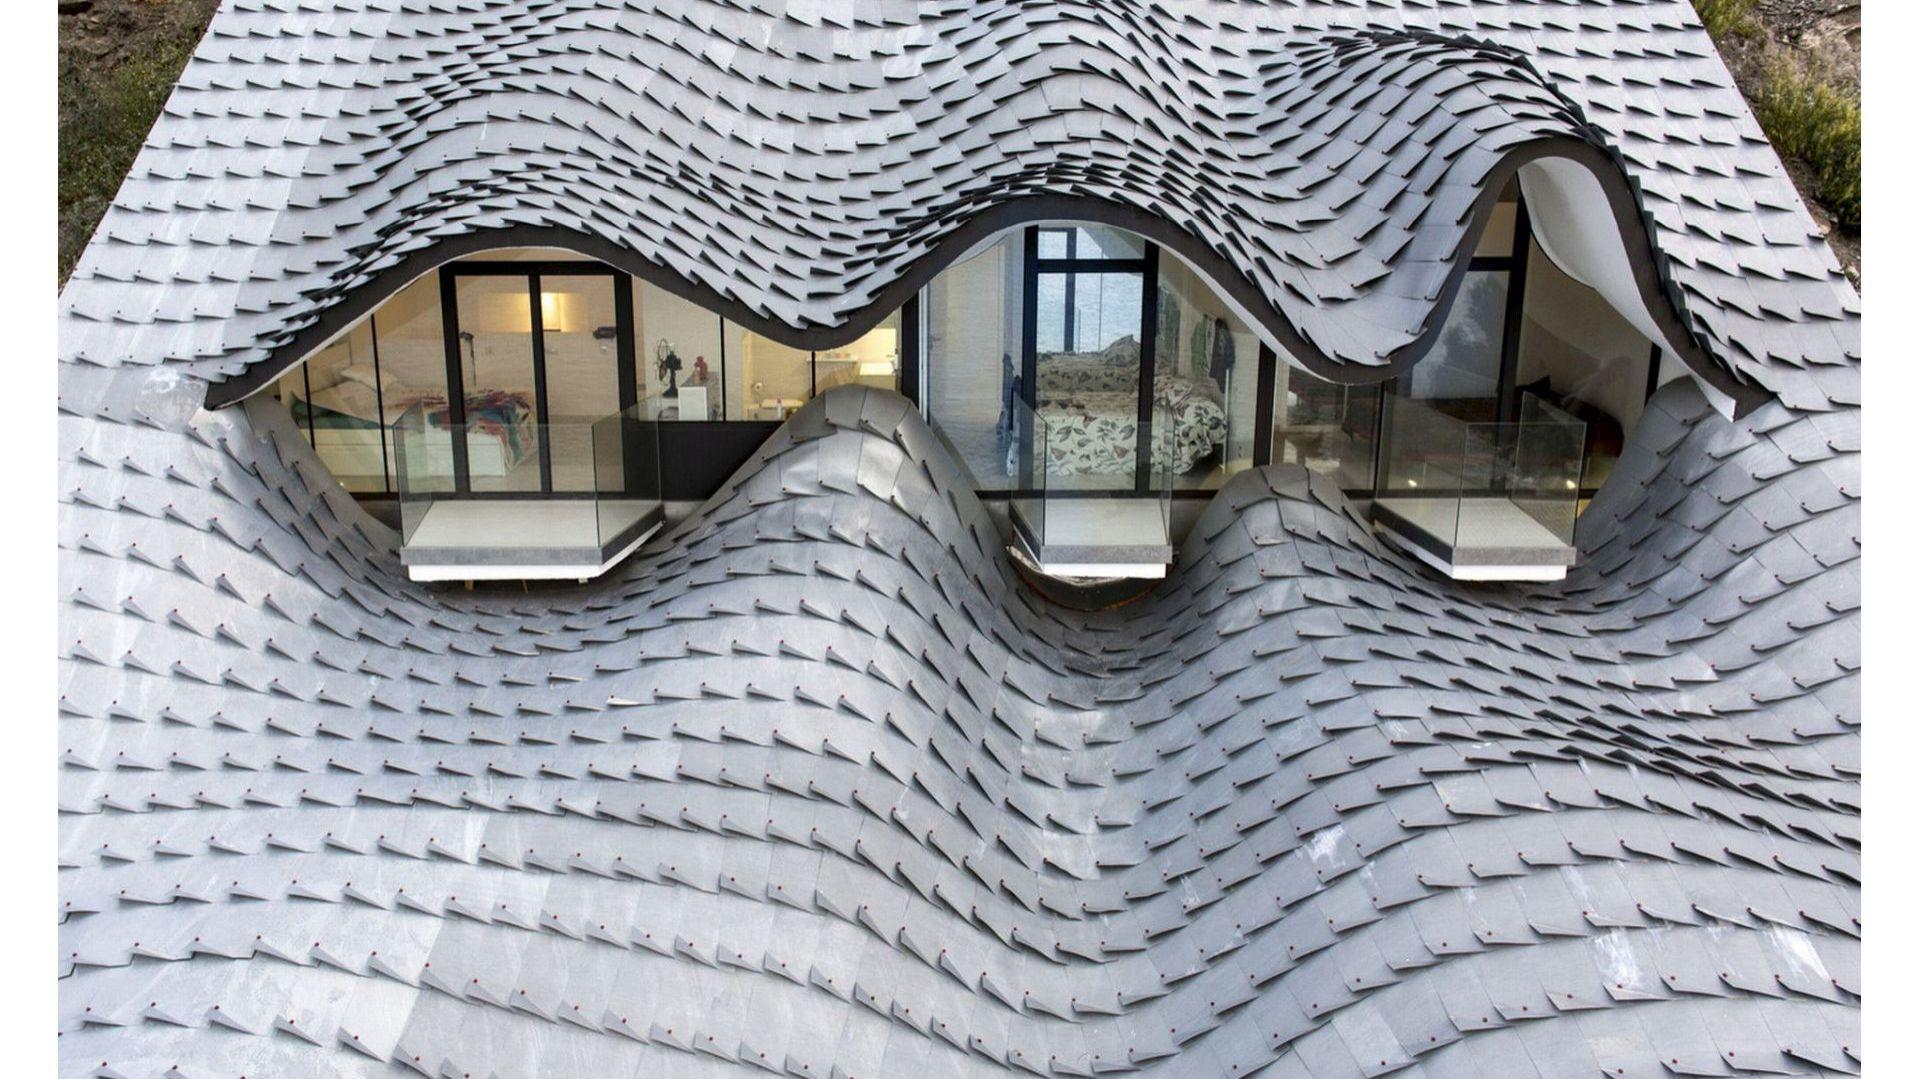 Rzut oka na dom i uwagę przykuwa oryginalny, pofalowany kształt dachu, który został wykonany z metalu i pokryty powłoką cynkową. Inspiracją przy jego tworzeniu były fale morskie oraz... łuski smocze. Fot. Jesus Granada